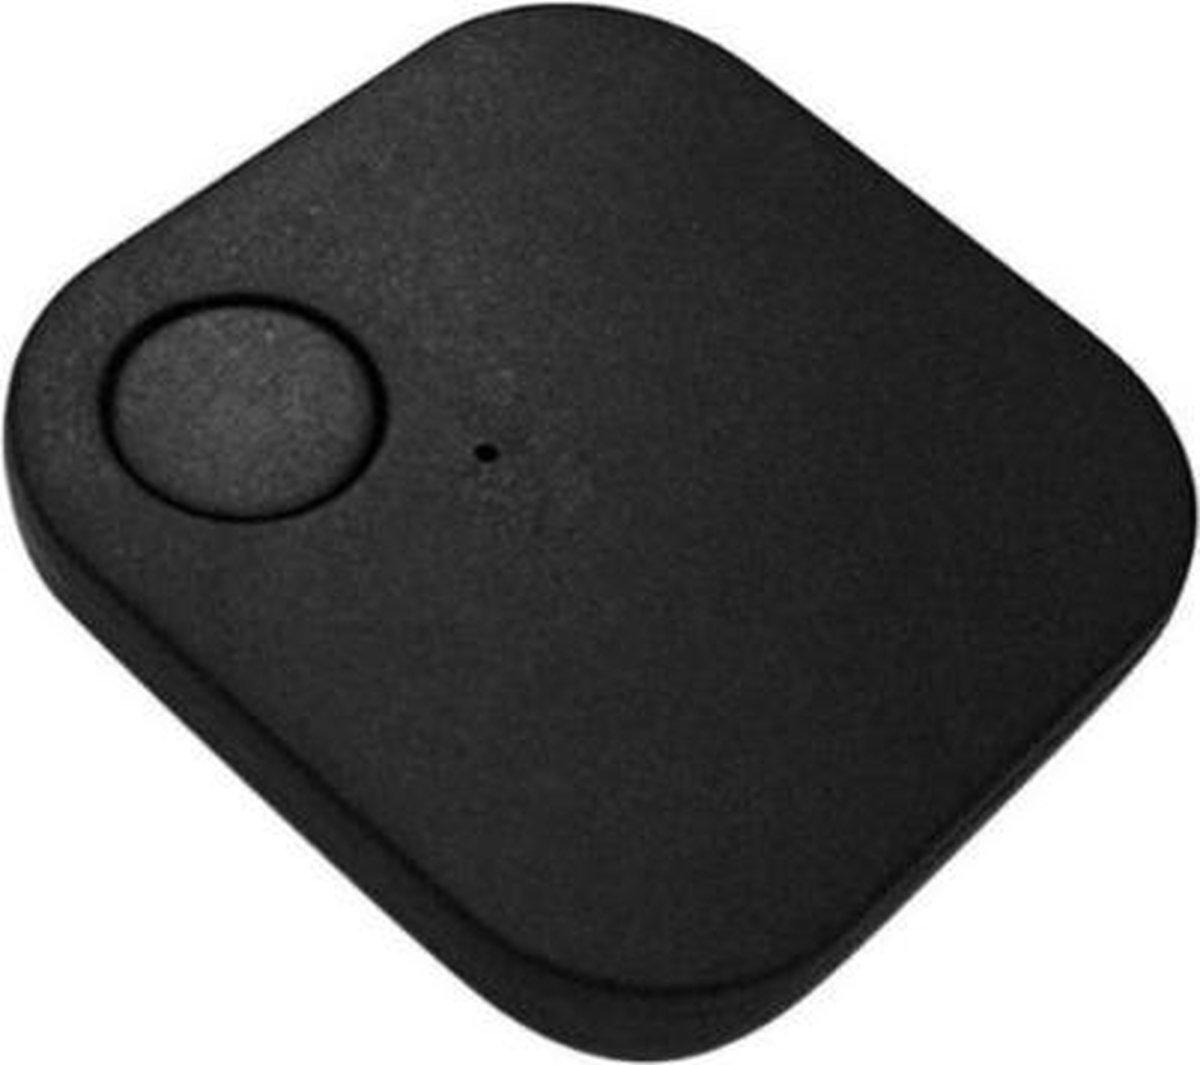 Mini GPS tracker Volg Systeem Voor kind / Auto / Scooter / Fiets / Kat / Hond - Inclusief Nederlandse Handleiding en Batterij